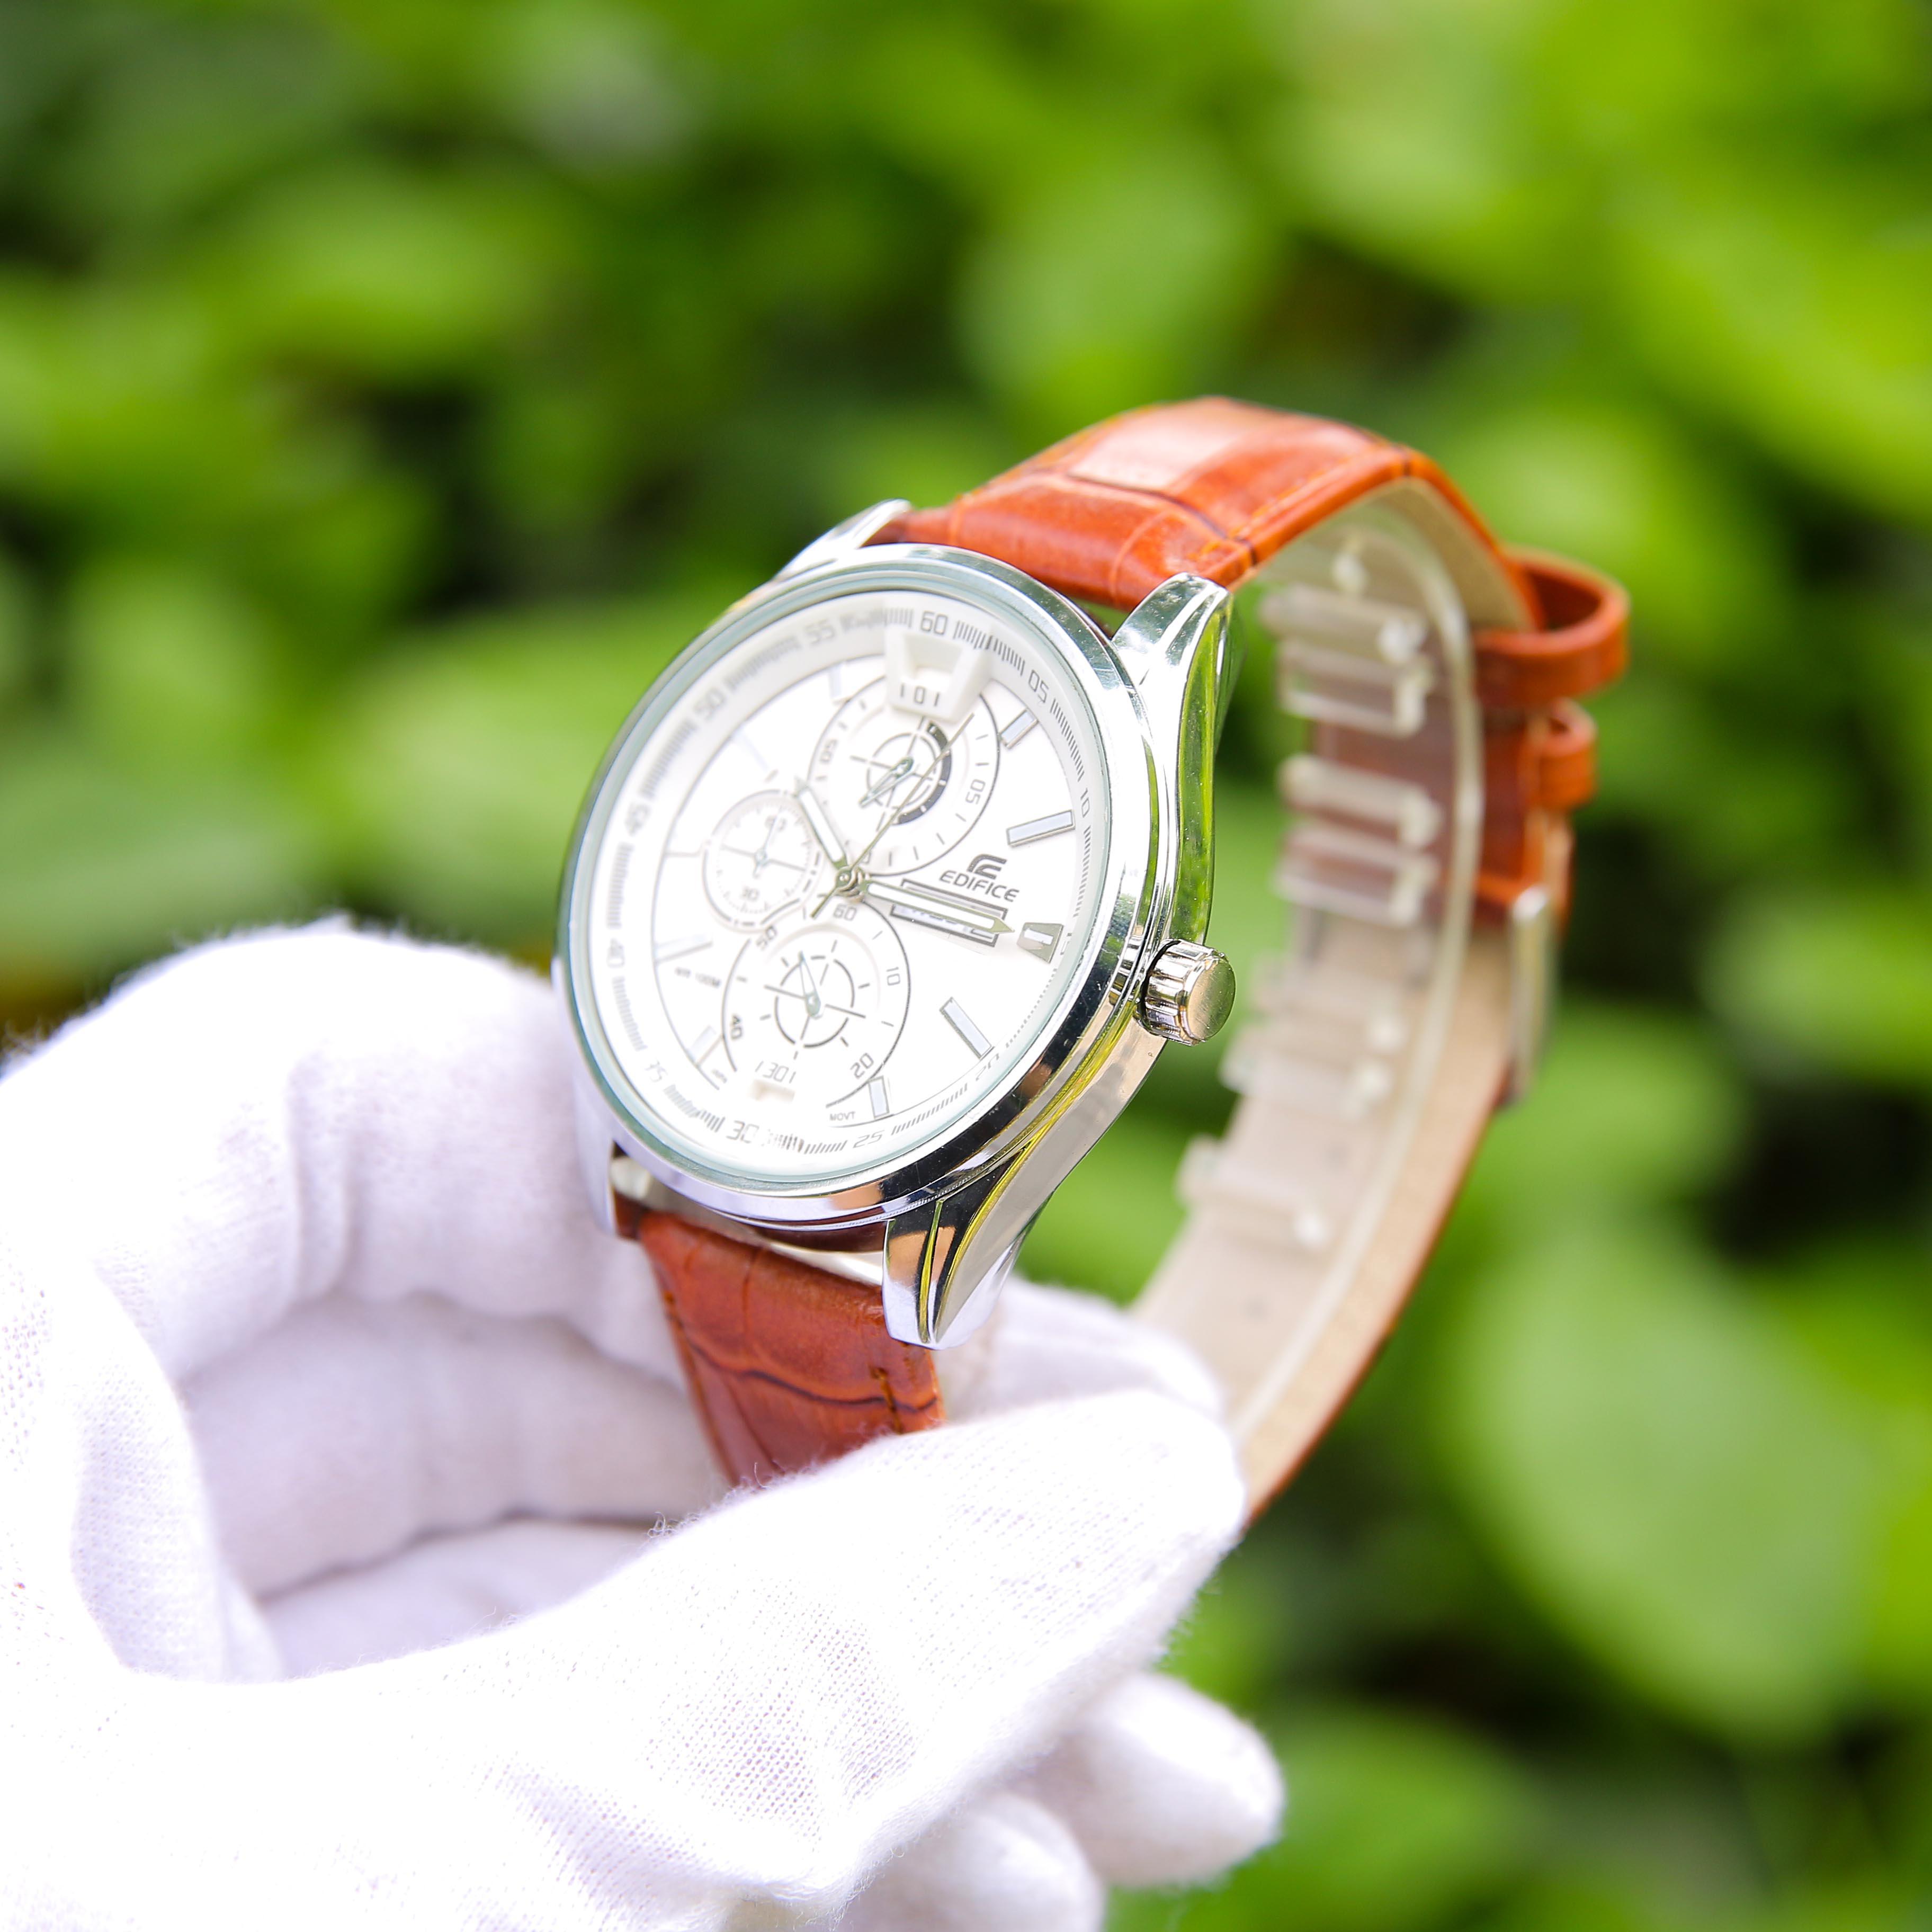 Đồng hồ nam dây da mặt tròn 6 kim CADN3051 phong cách Ý hiển thị 2 lịch ngày tháng – Thiết kế sang trọng – Lịch lãm – Dễ dàng kết hợp trang phục